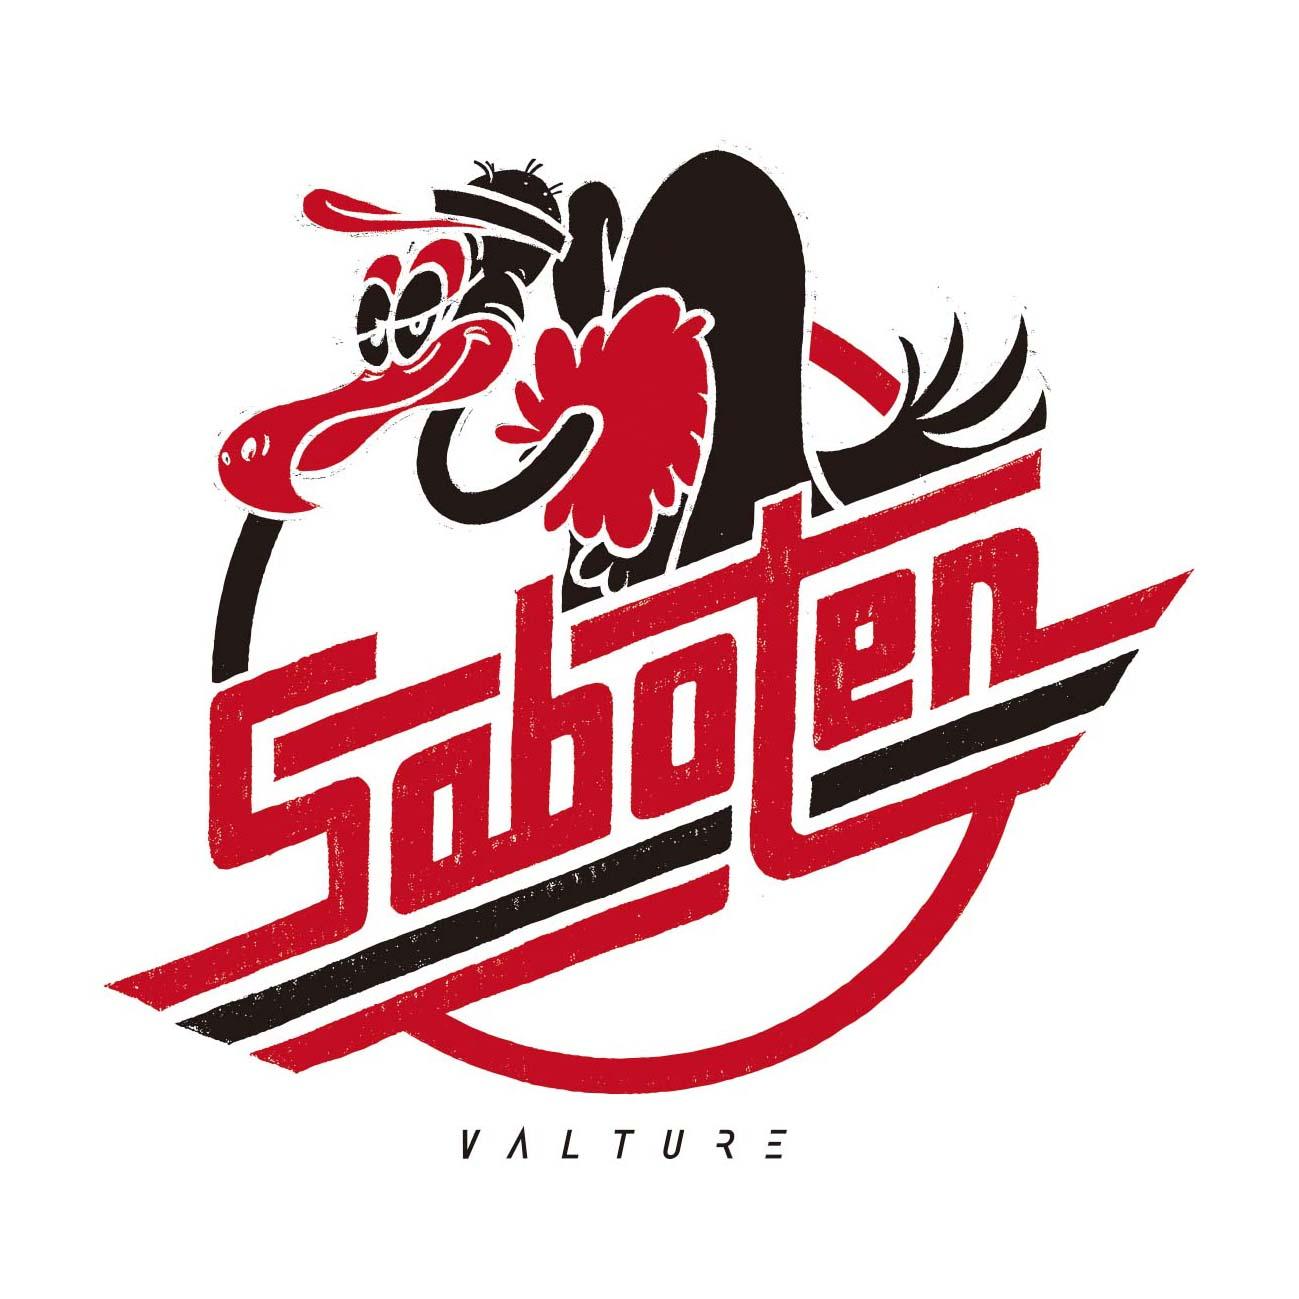 SABOTEN / VALTURE